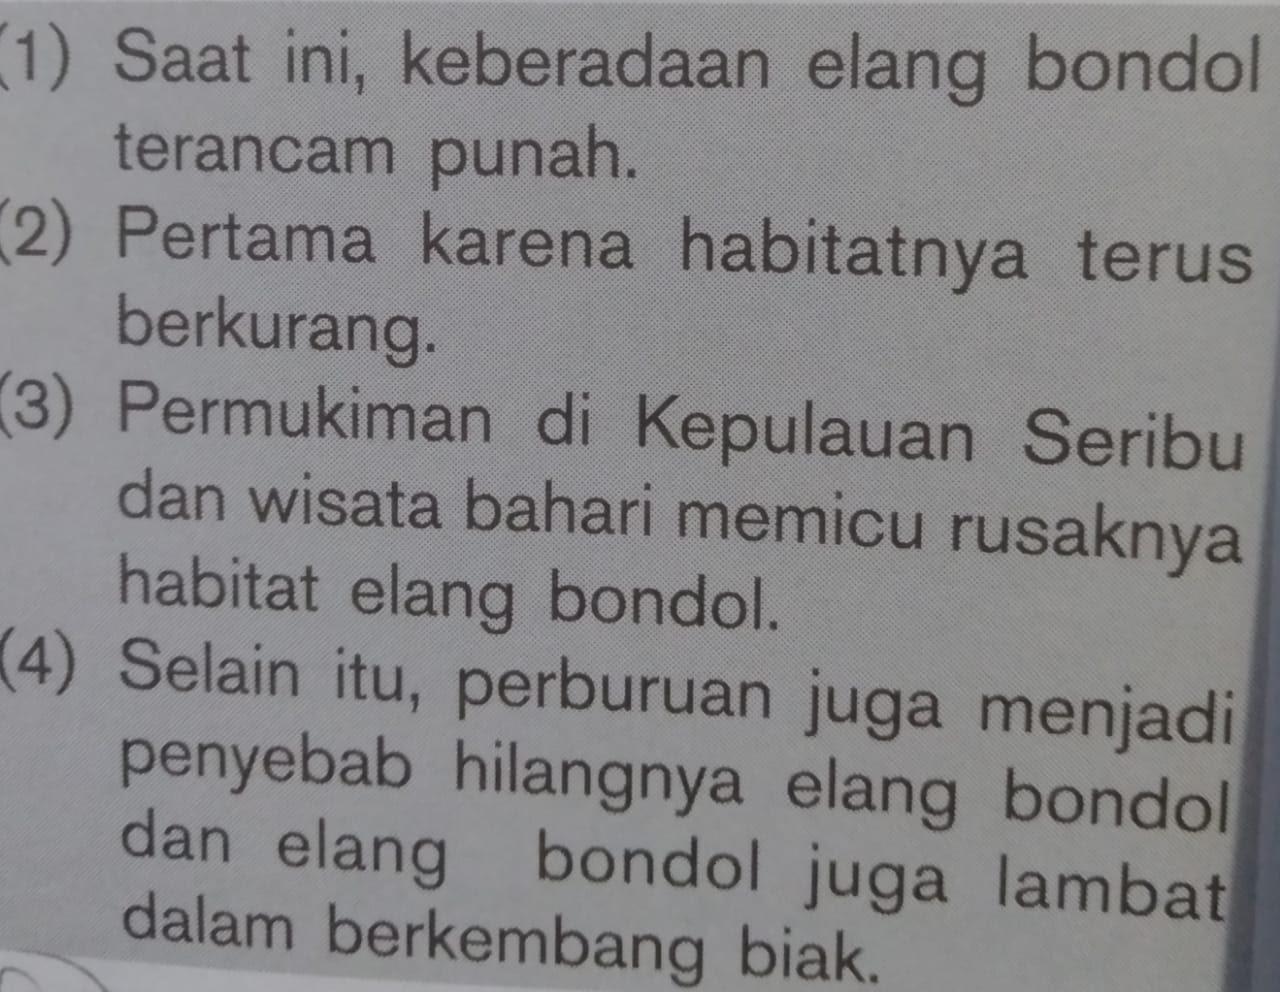 Soal UAS Bahasa Indonesia beserta Kunci Jawaban SMP Kelas 8